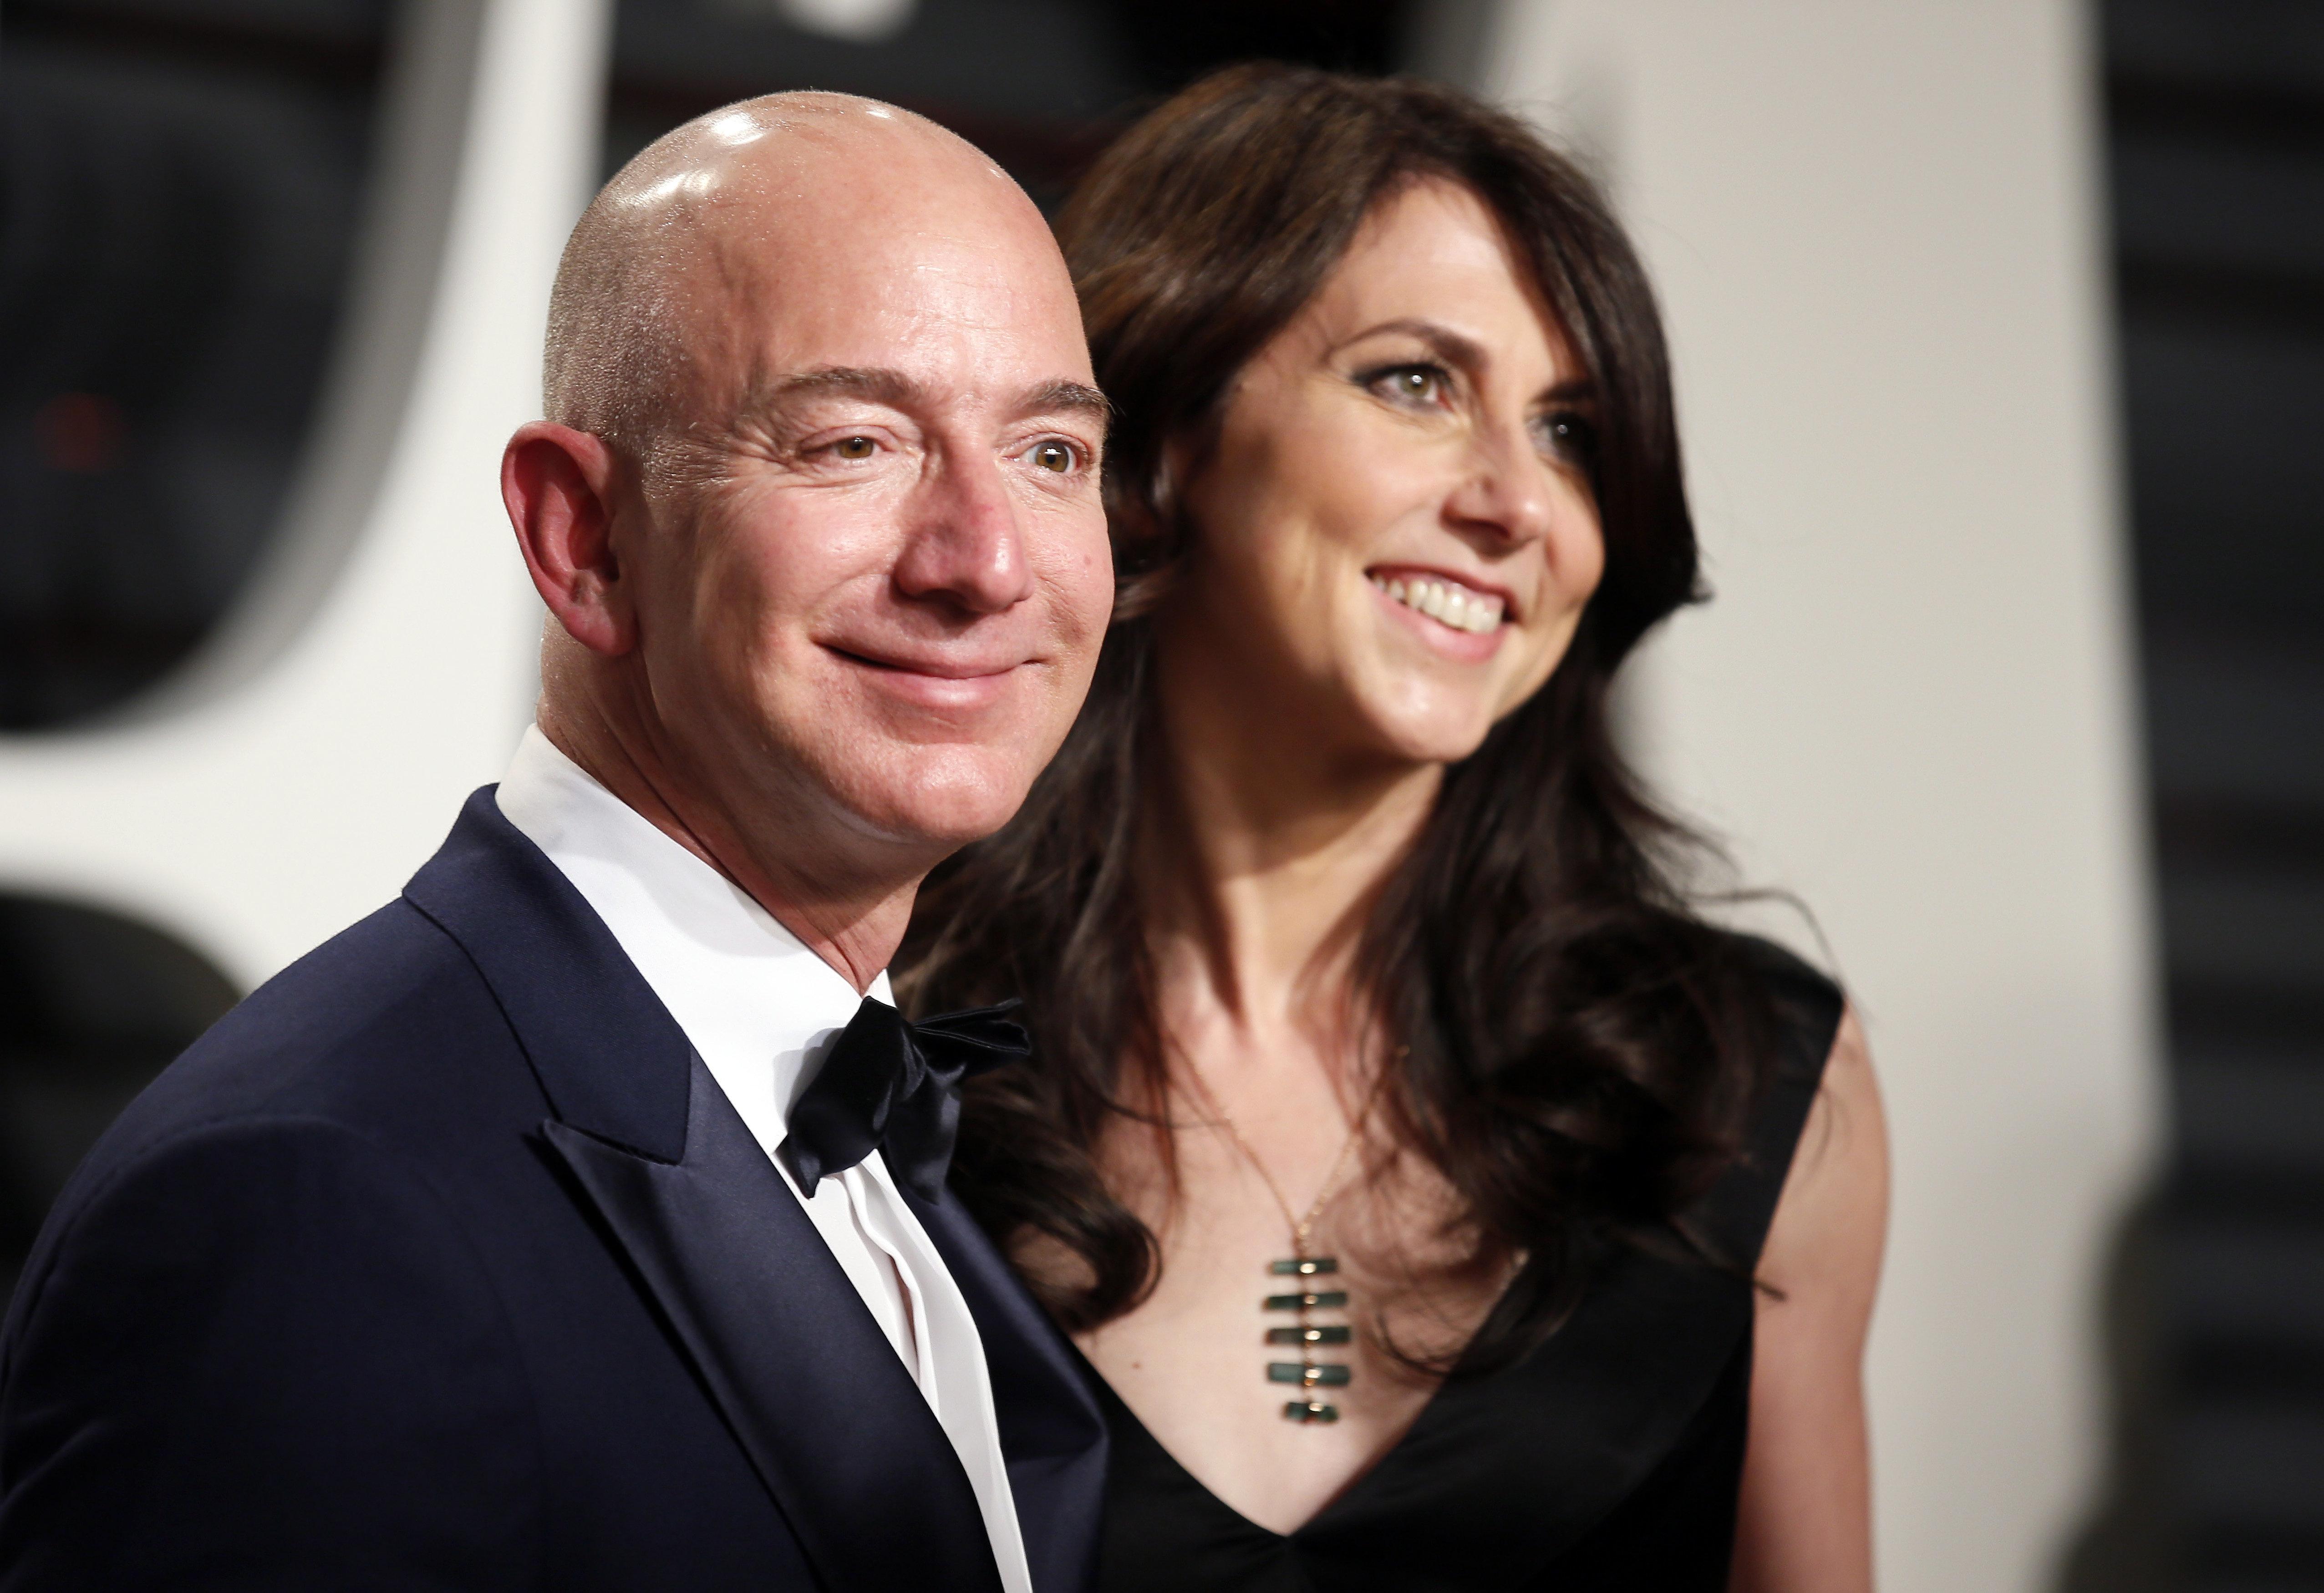 Τα 10 πιο ακριβά διαζύγια στην ιστορία - Ποιοι τα πλήρωσαν «χρυσά» (και πόσα θα πληρώσει ο